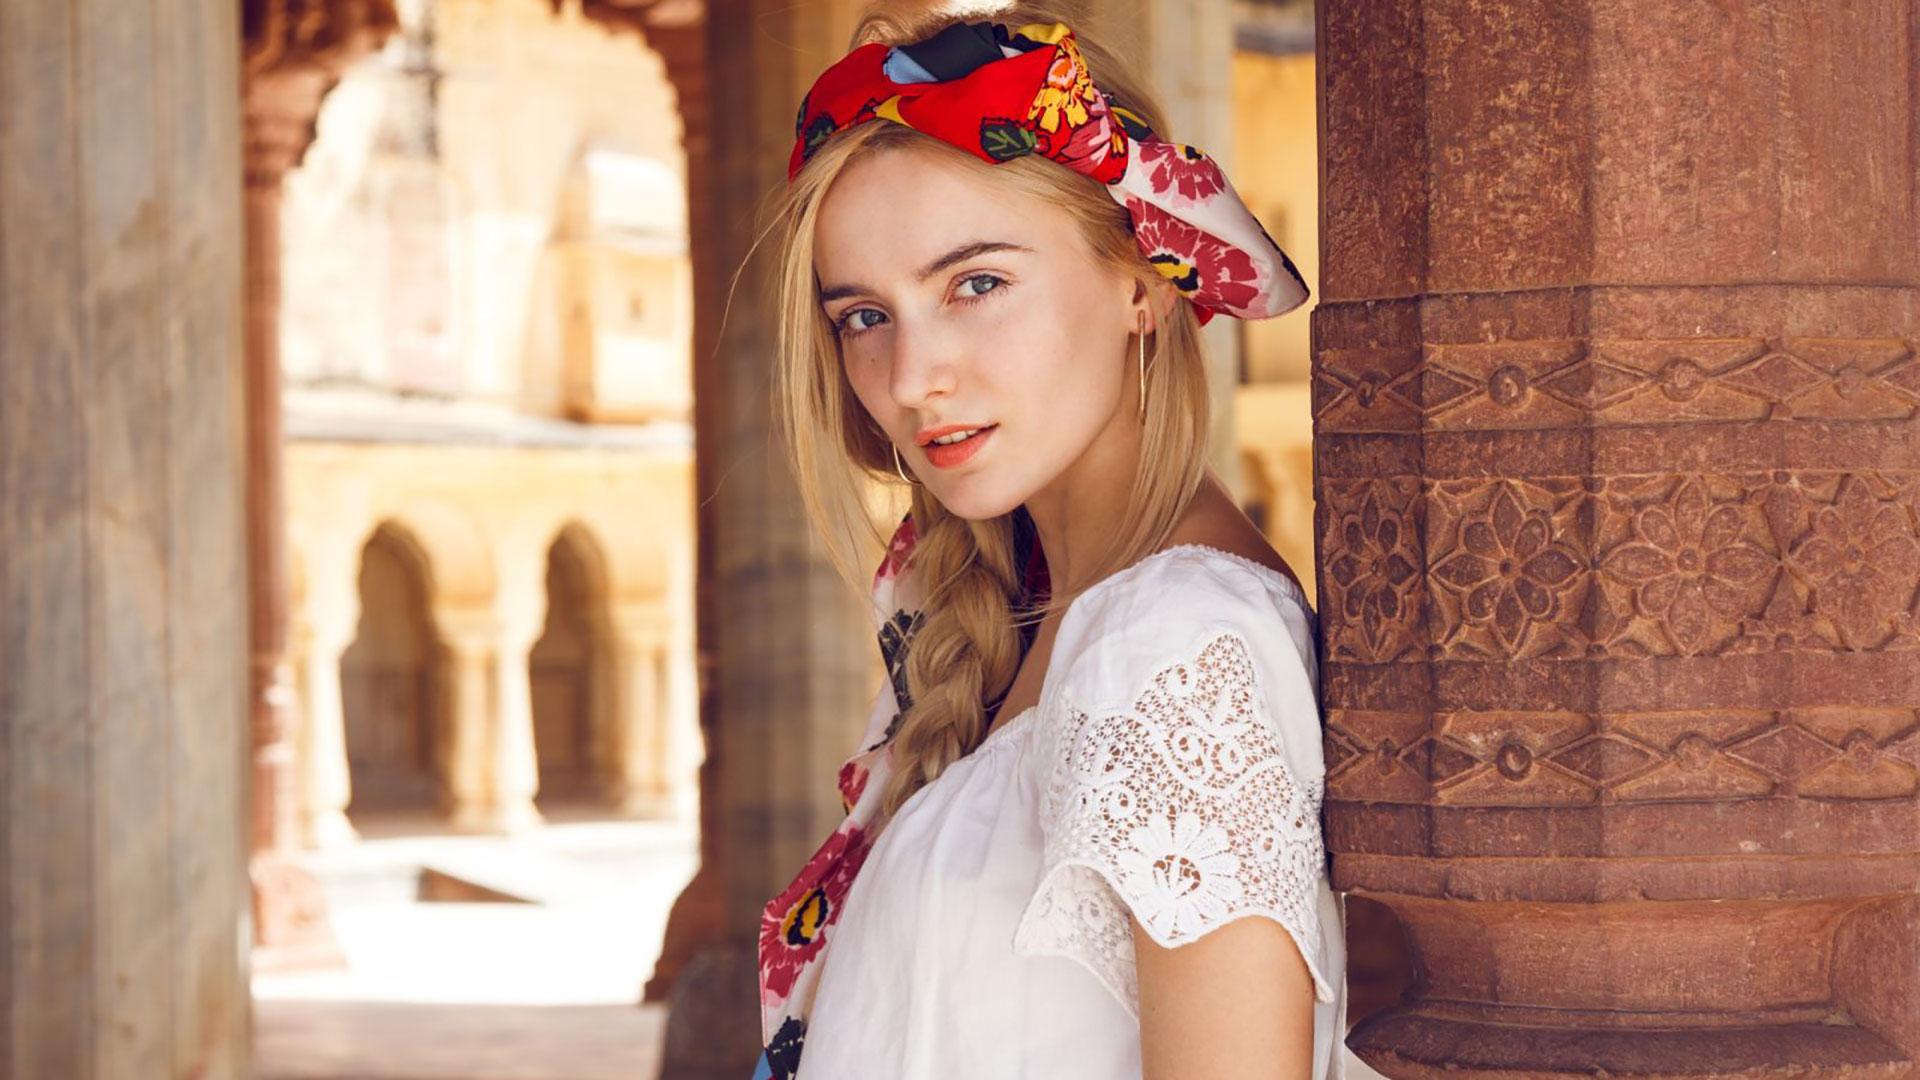 Ami i foulard? Ecco 4 modi per indossarlo durante l'estate 2021